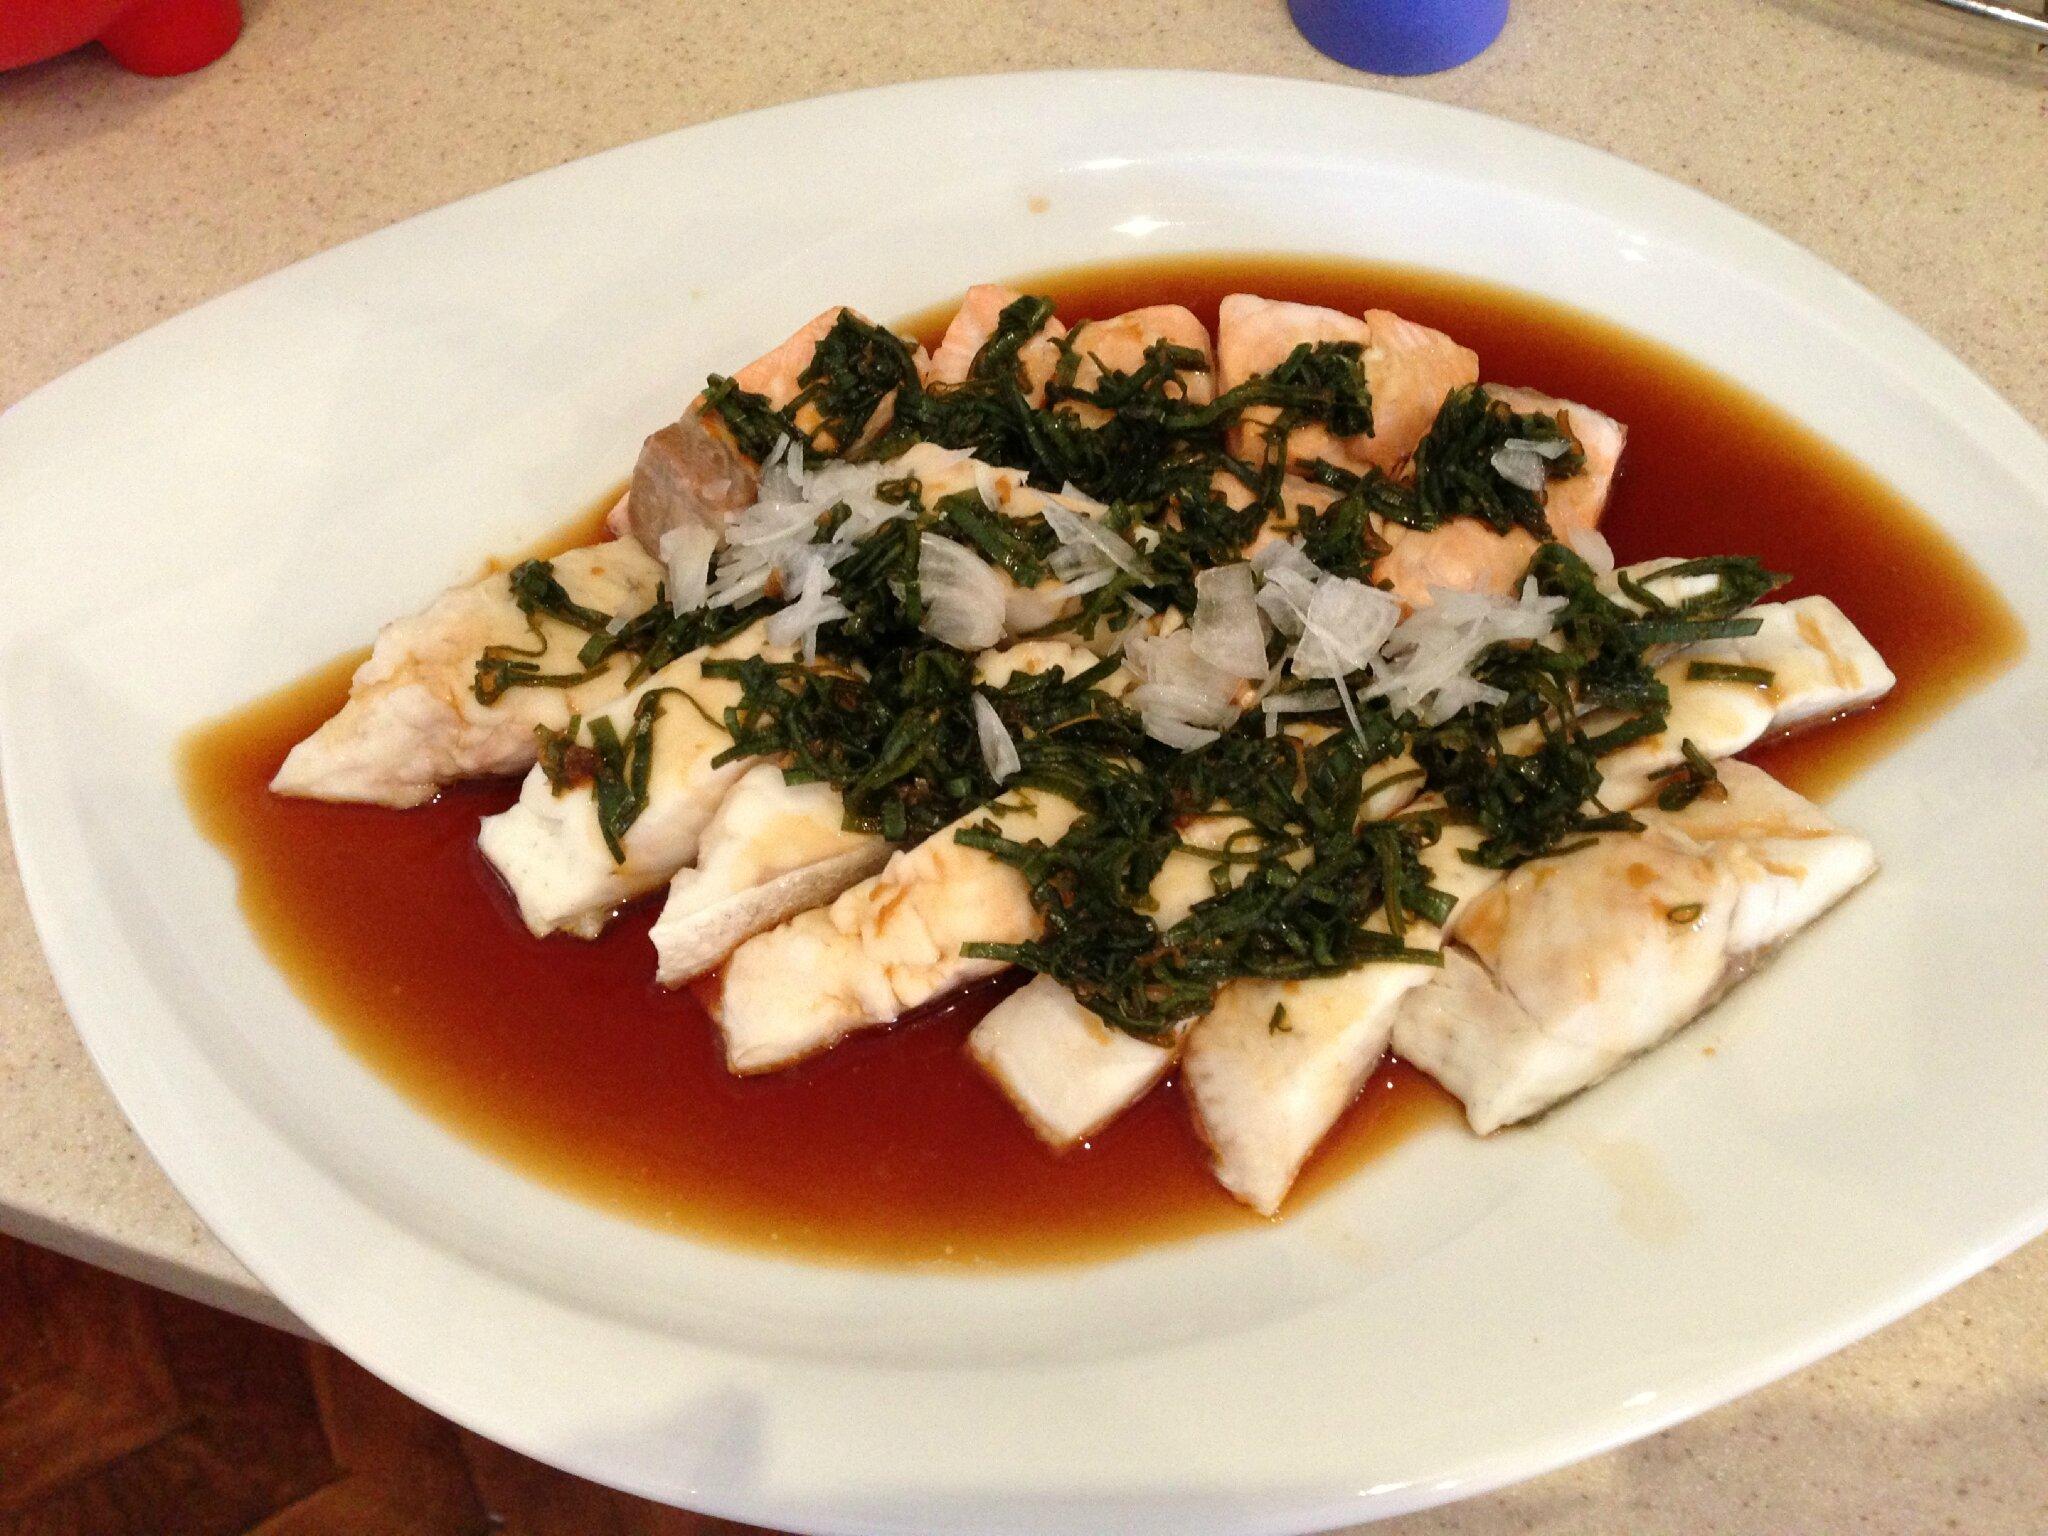 Saumon grill ou la vapeur la sauce soja cherka - Cuisine asiatique vapeur ...